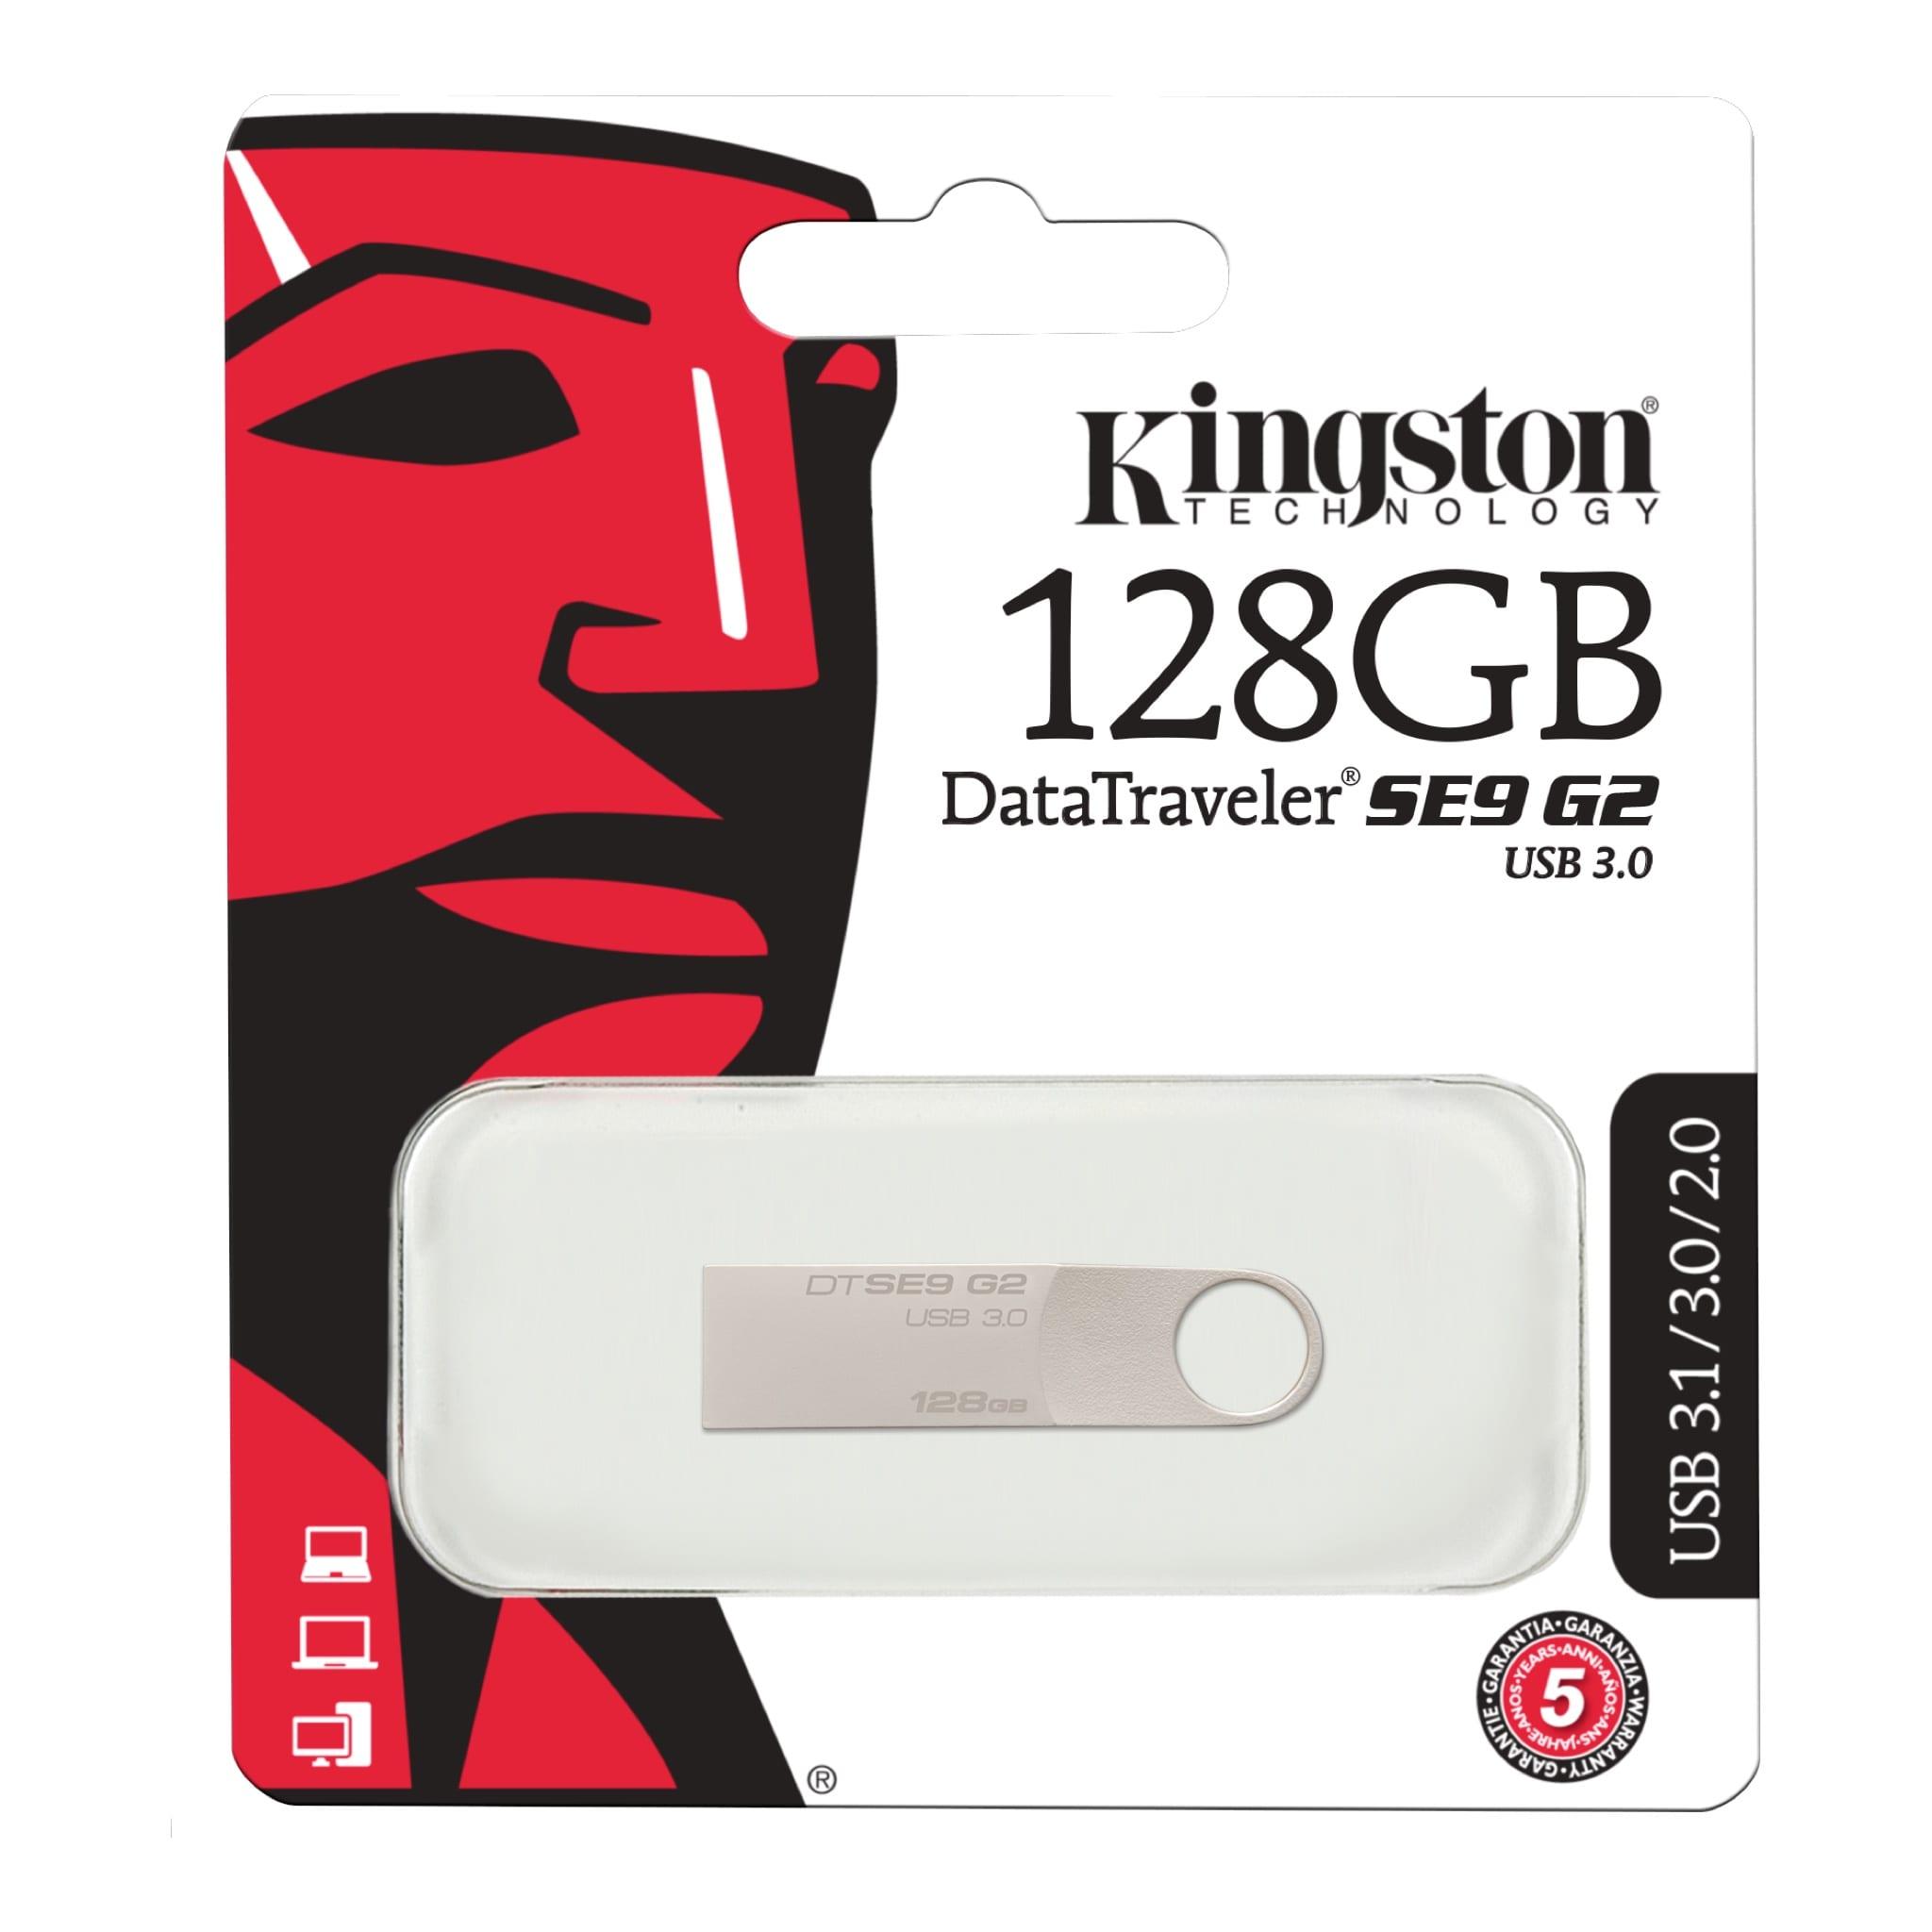 DataTraveler SE9 G2 USB 3 0 Flash Drive in Stylish Metal